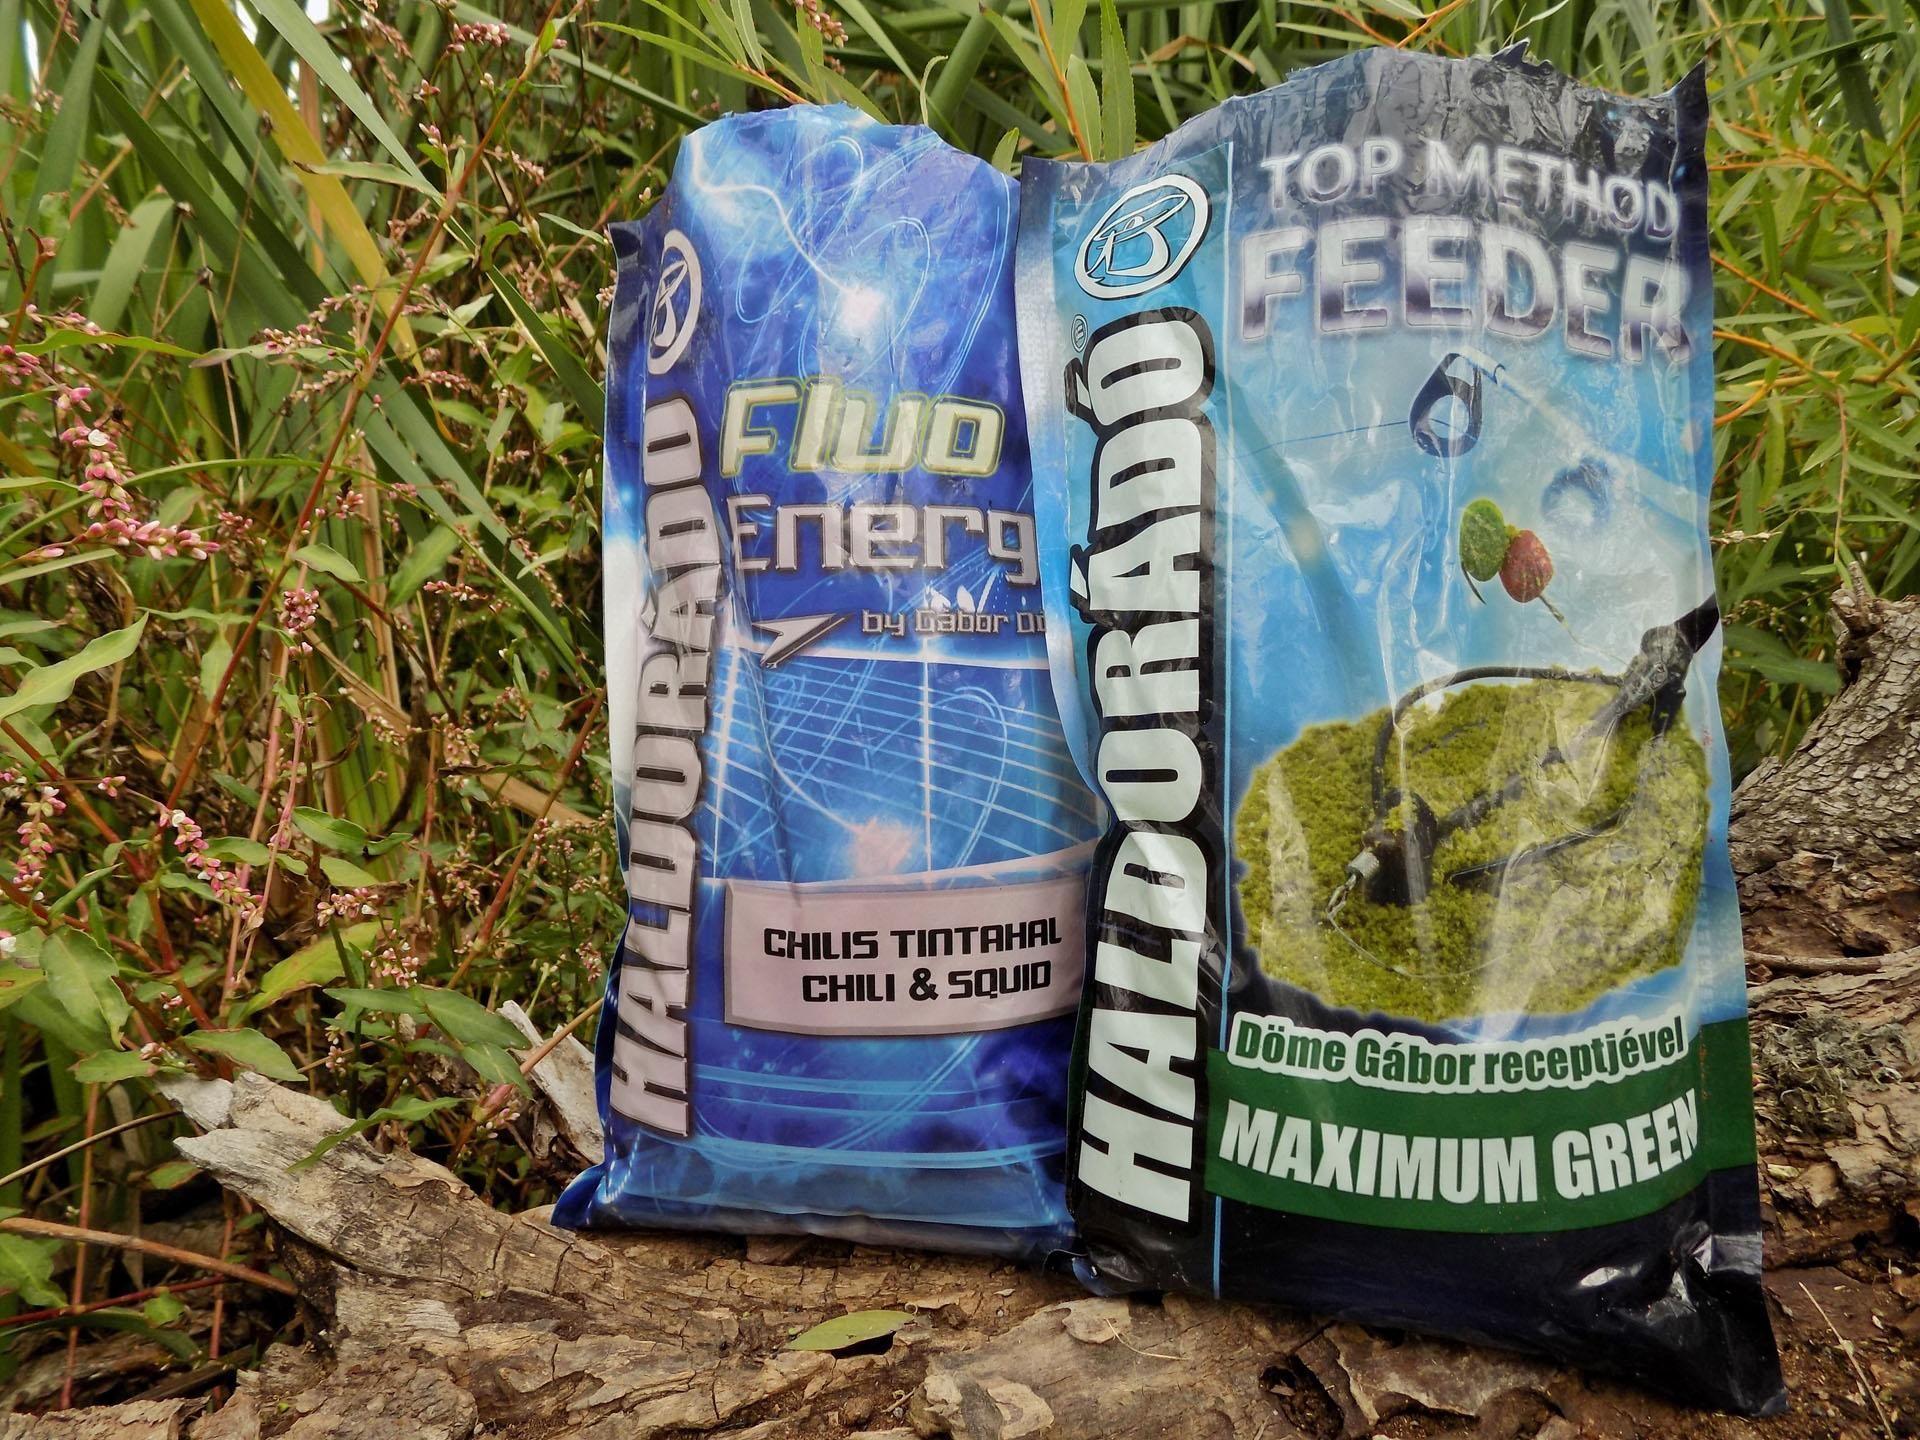 A Haldorádó Fluo Energy - Chilis Tintahal és a Haldorádó Top Method - Maximum Green bár merőben eltérő színű, ízű keverékek, remekül harmonizálnak egymással. Mindkét keverék teljesen homogén, lisztfinomságú, amit…